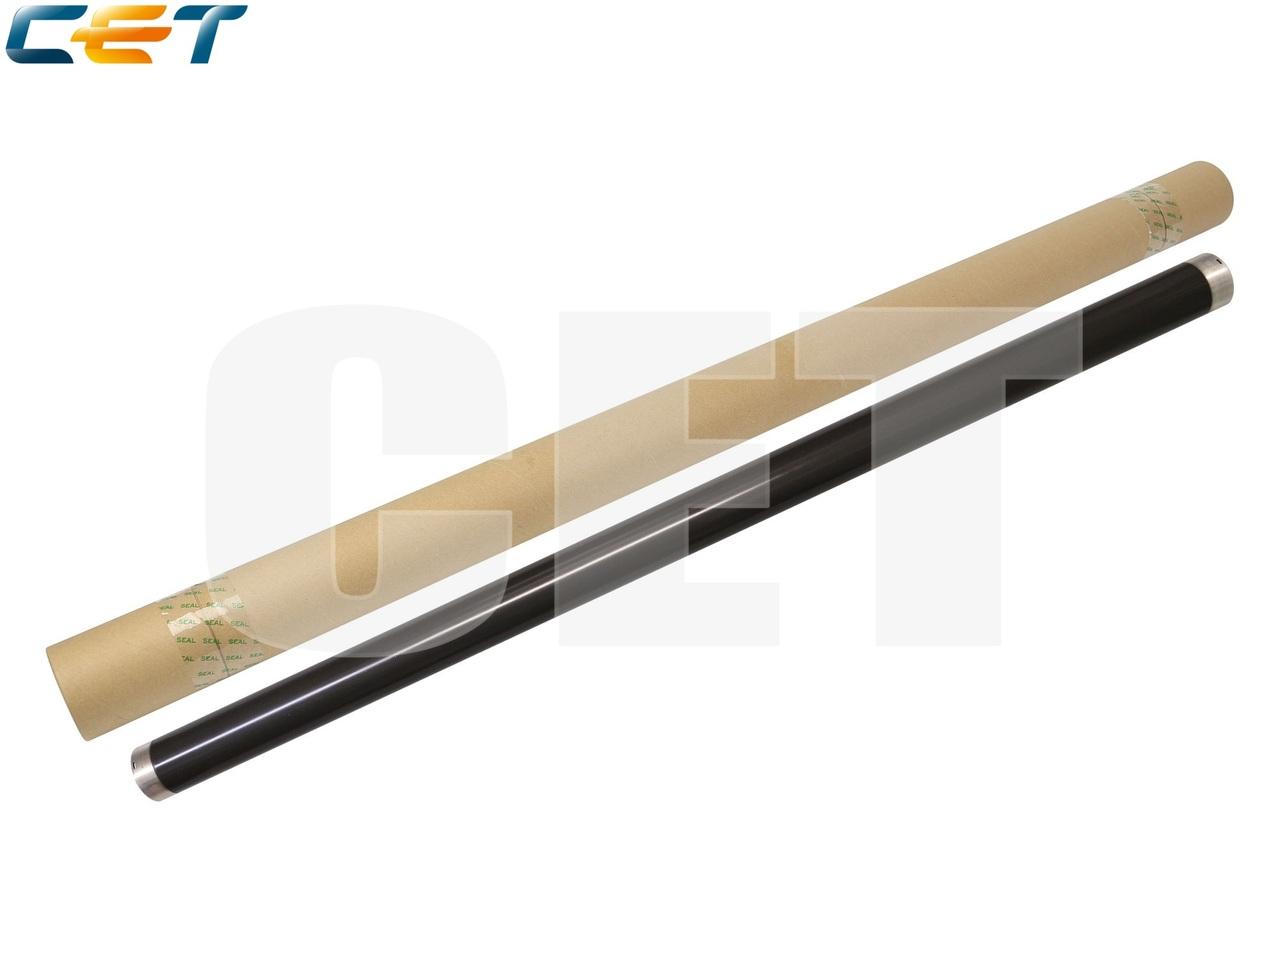 Тефлоновый вал AE01-1085, AE01-1122 для RICOH Aficio240W (CET), CET9902